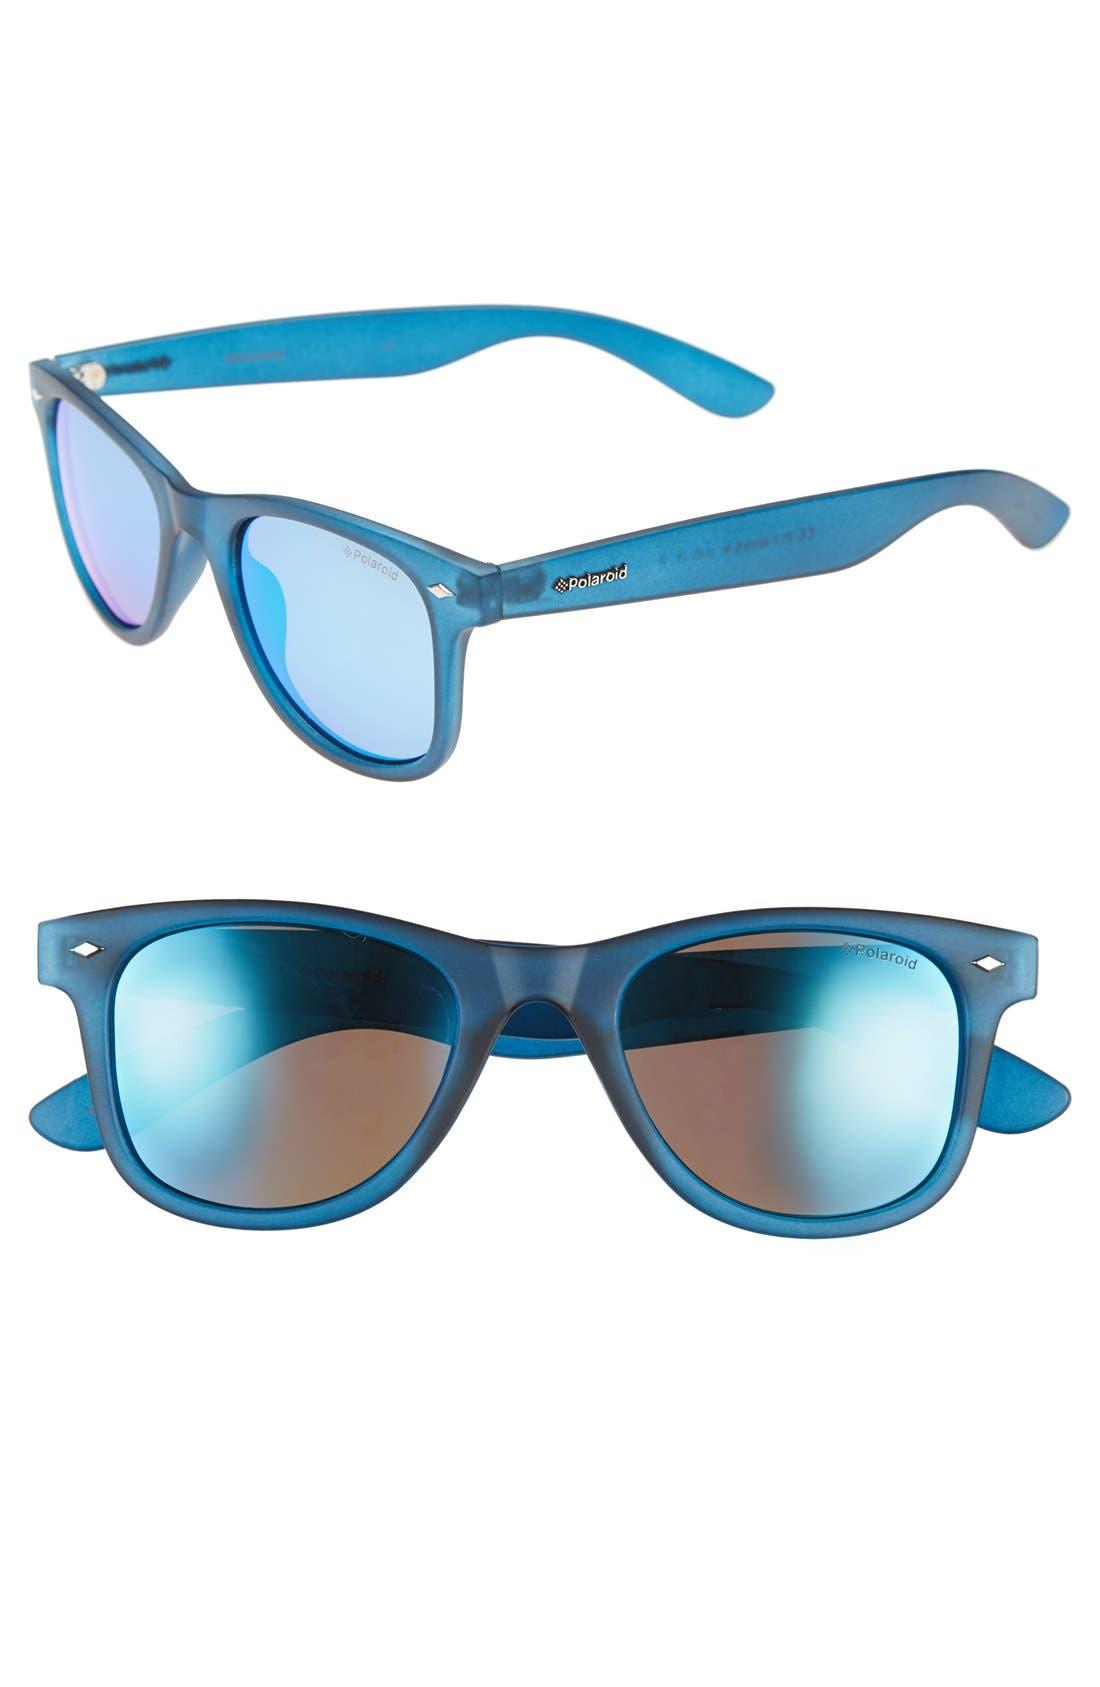 '6009SM' 50mm Polarized Retro Sunglasses,                         Main,                         color, Blue Transparent/ Blue Morror